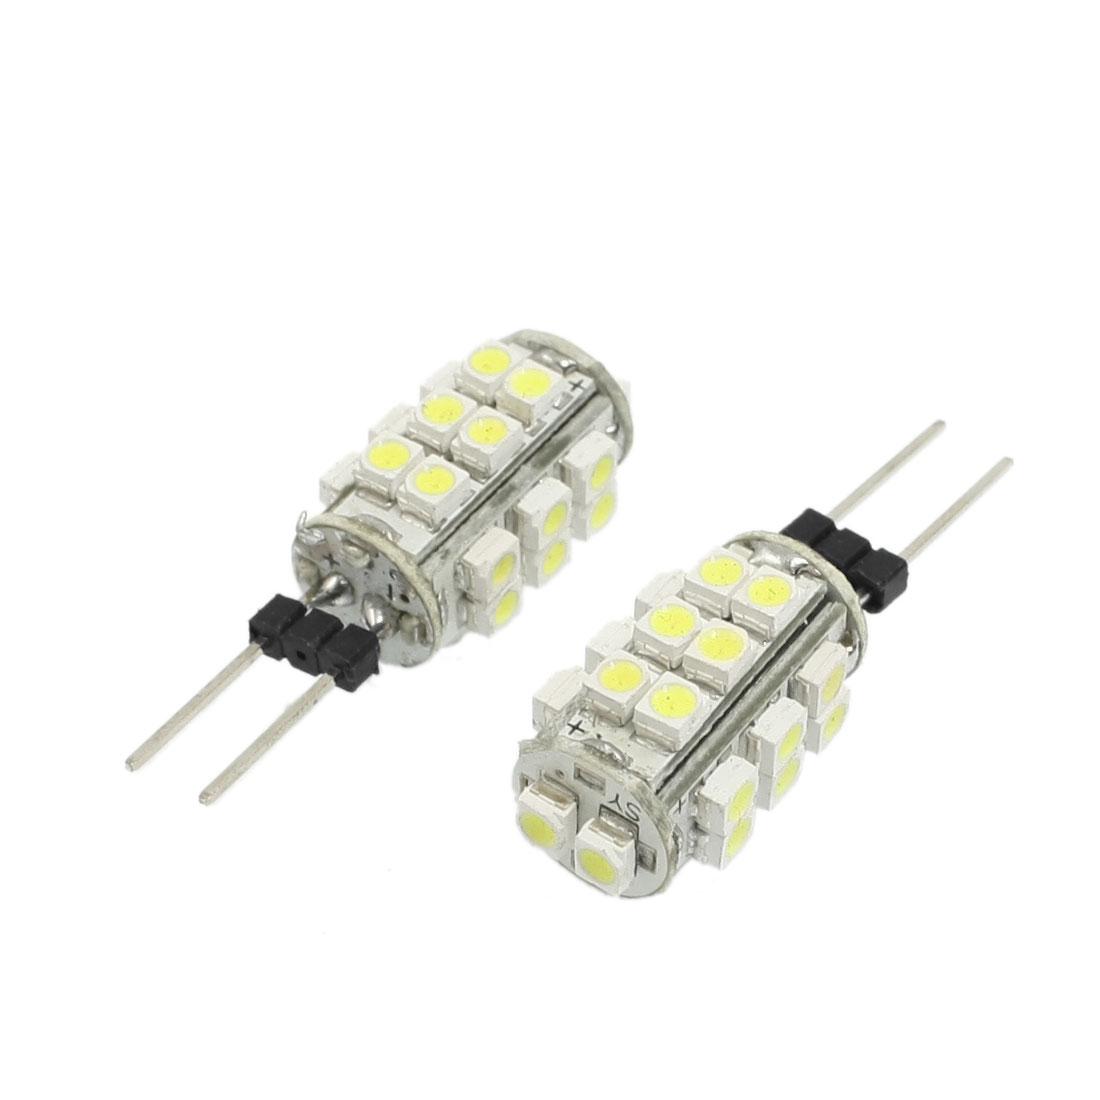 2 Pcs Car Auto G4 Base White 1210 3528 SMD 26-LED Light Lamp